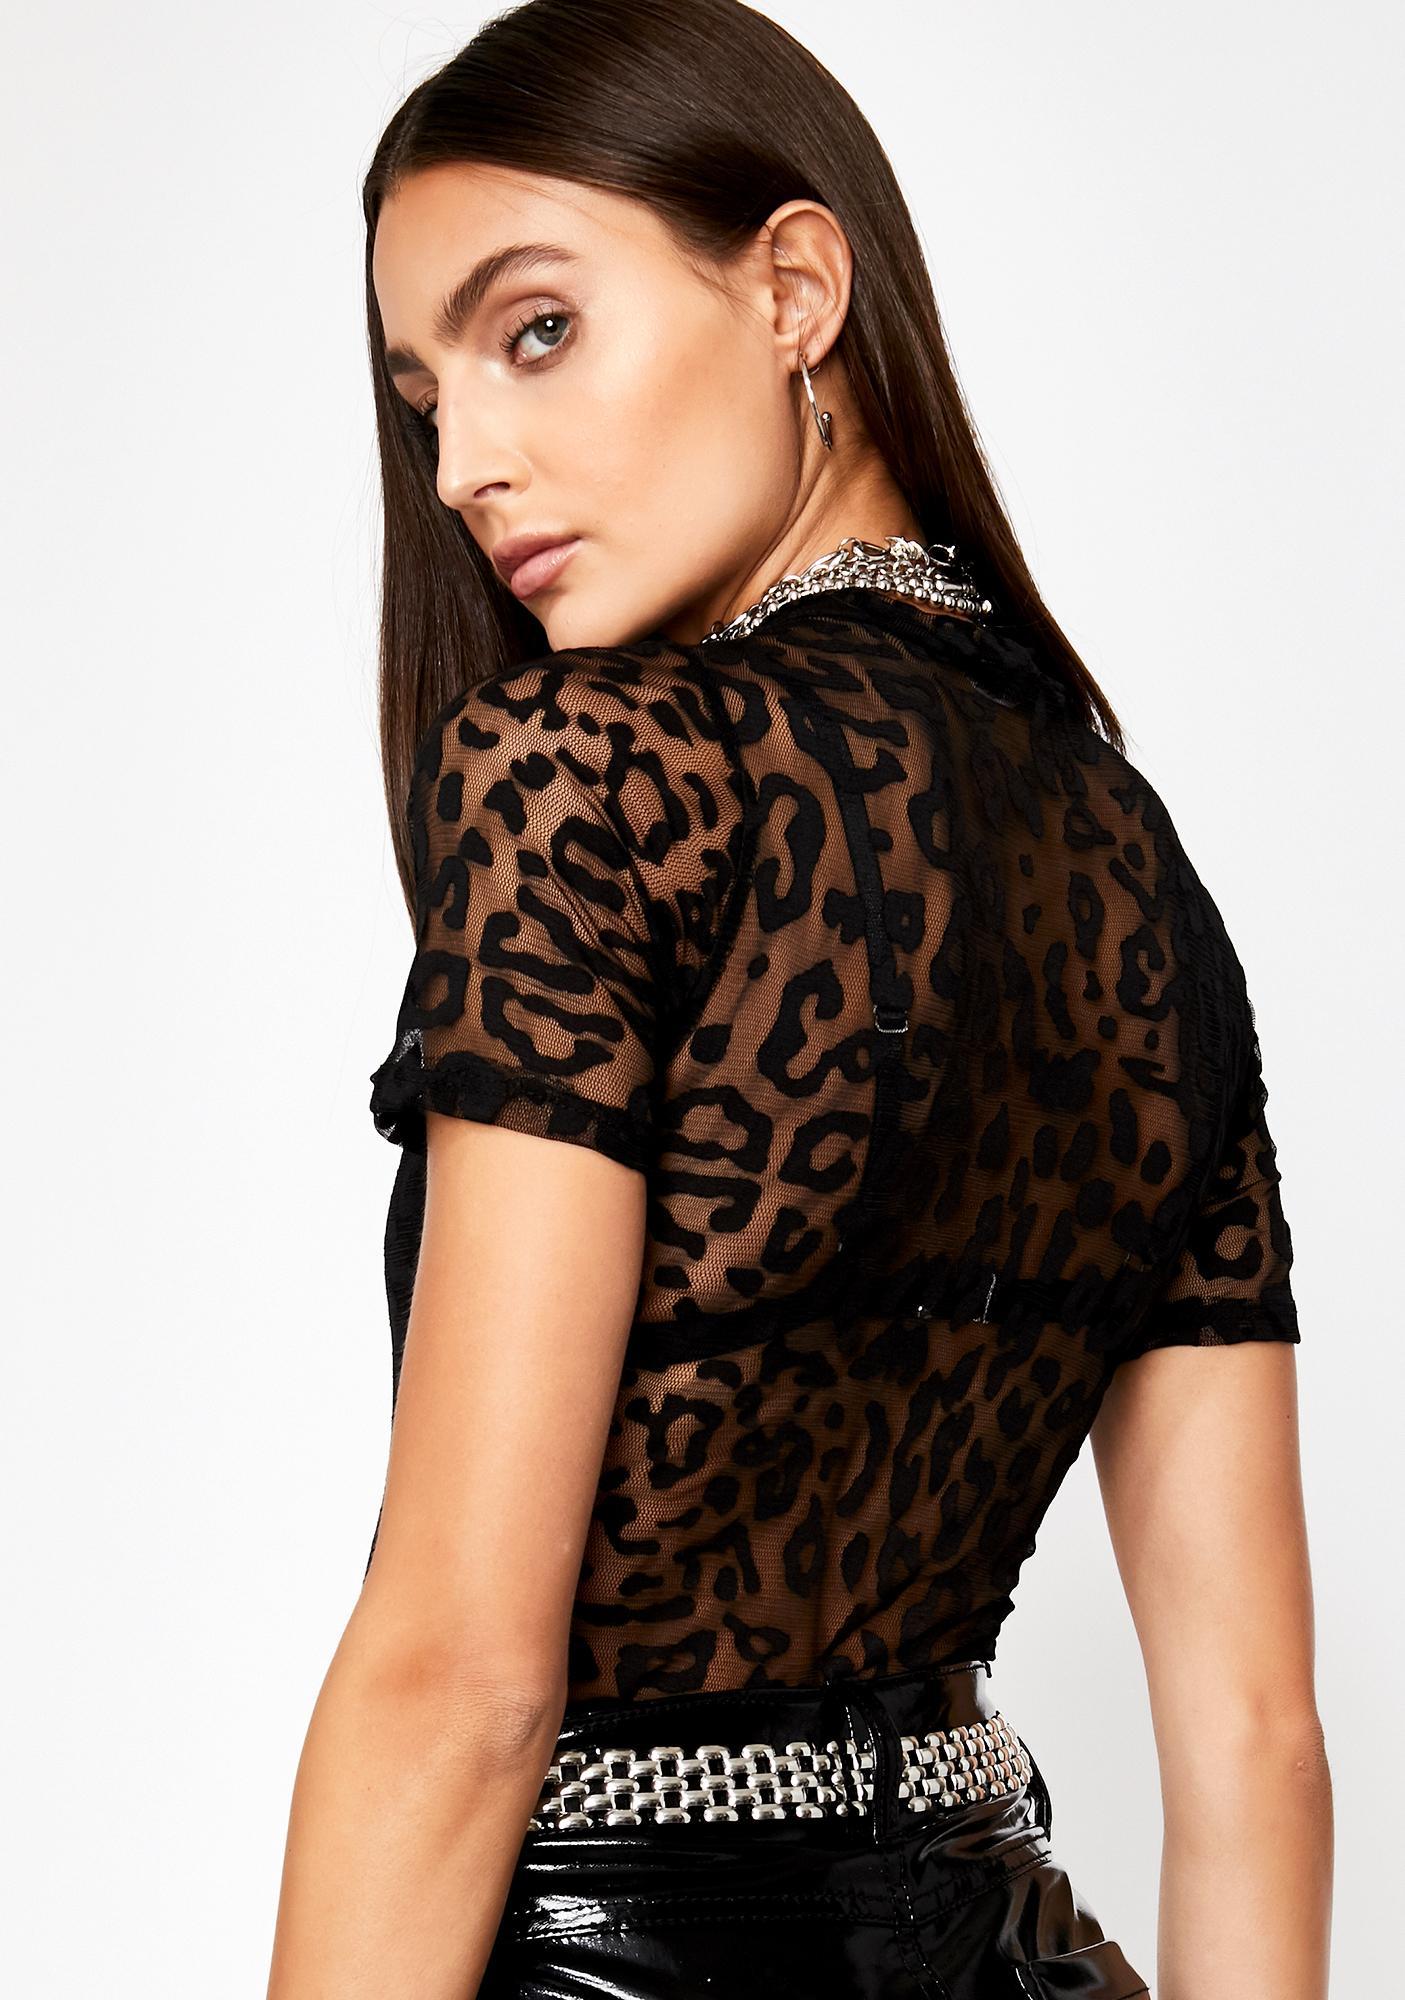 Risque Realness Leopard Bodysuit